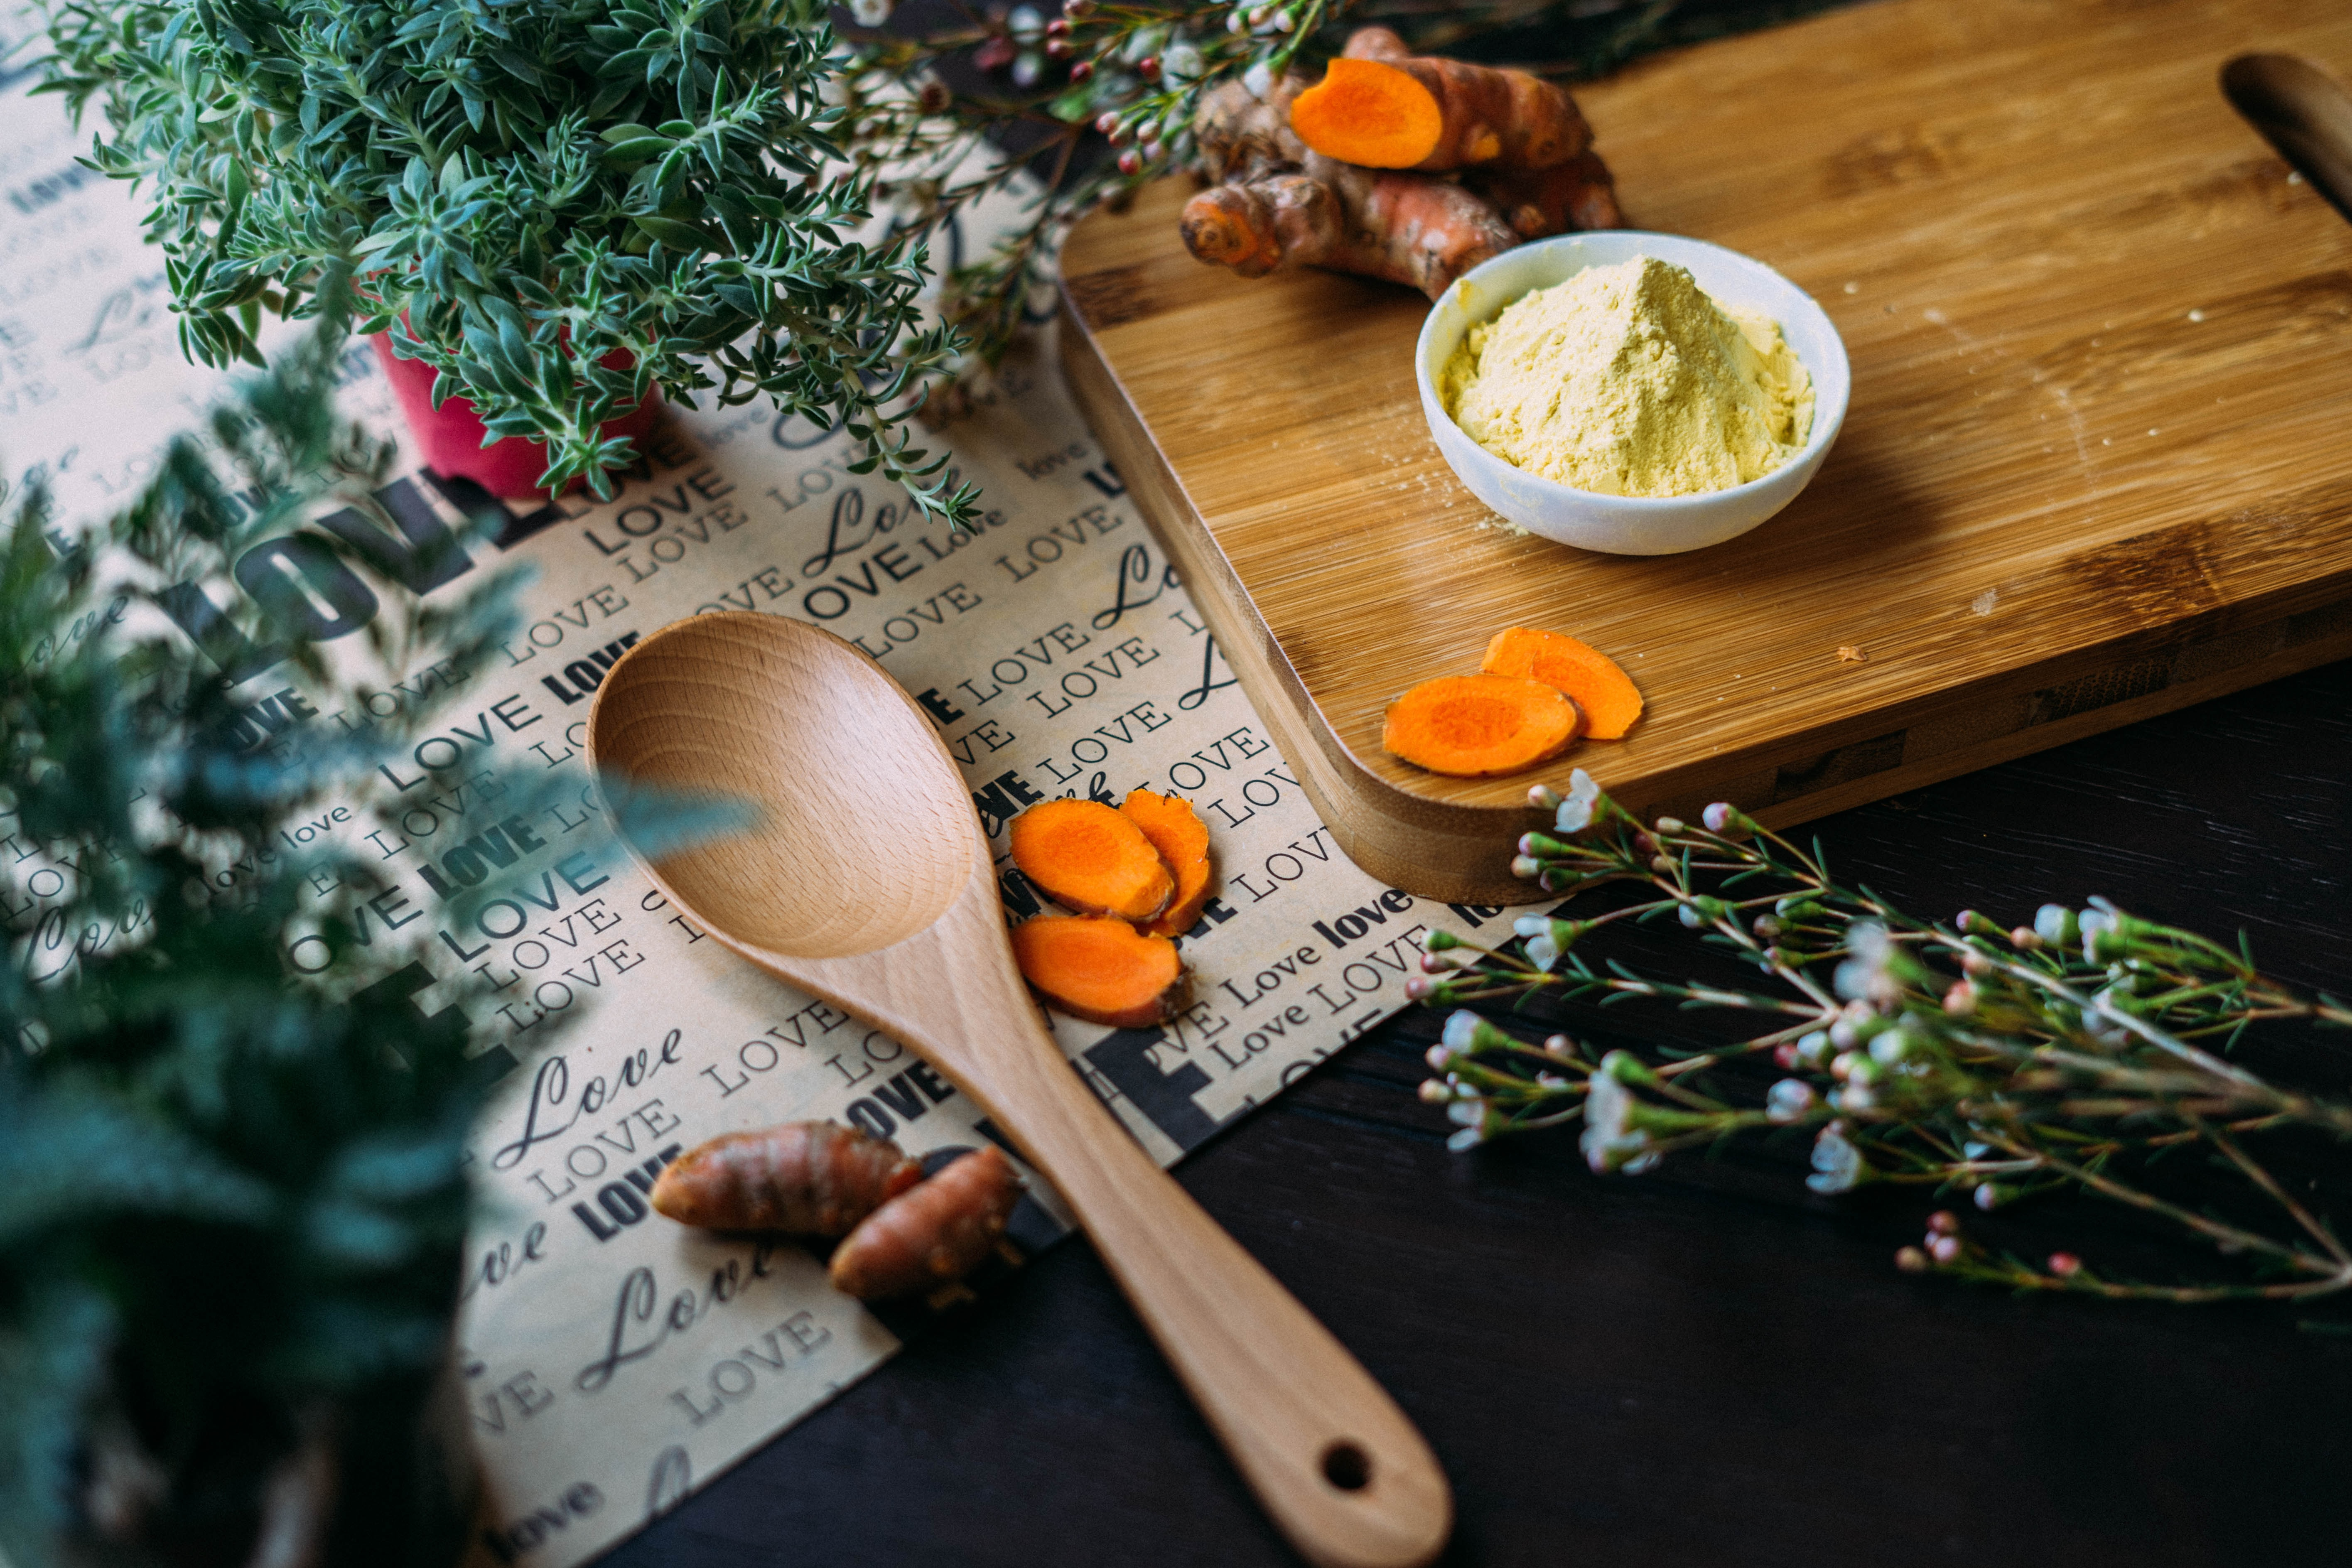 Einstieg in die Vollwert Ernährung